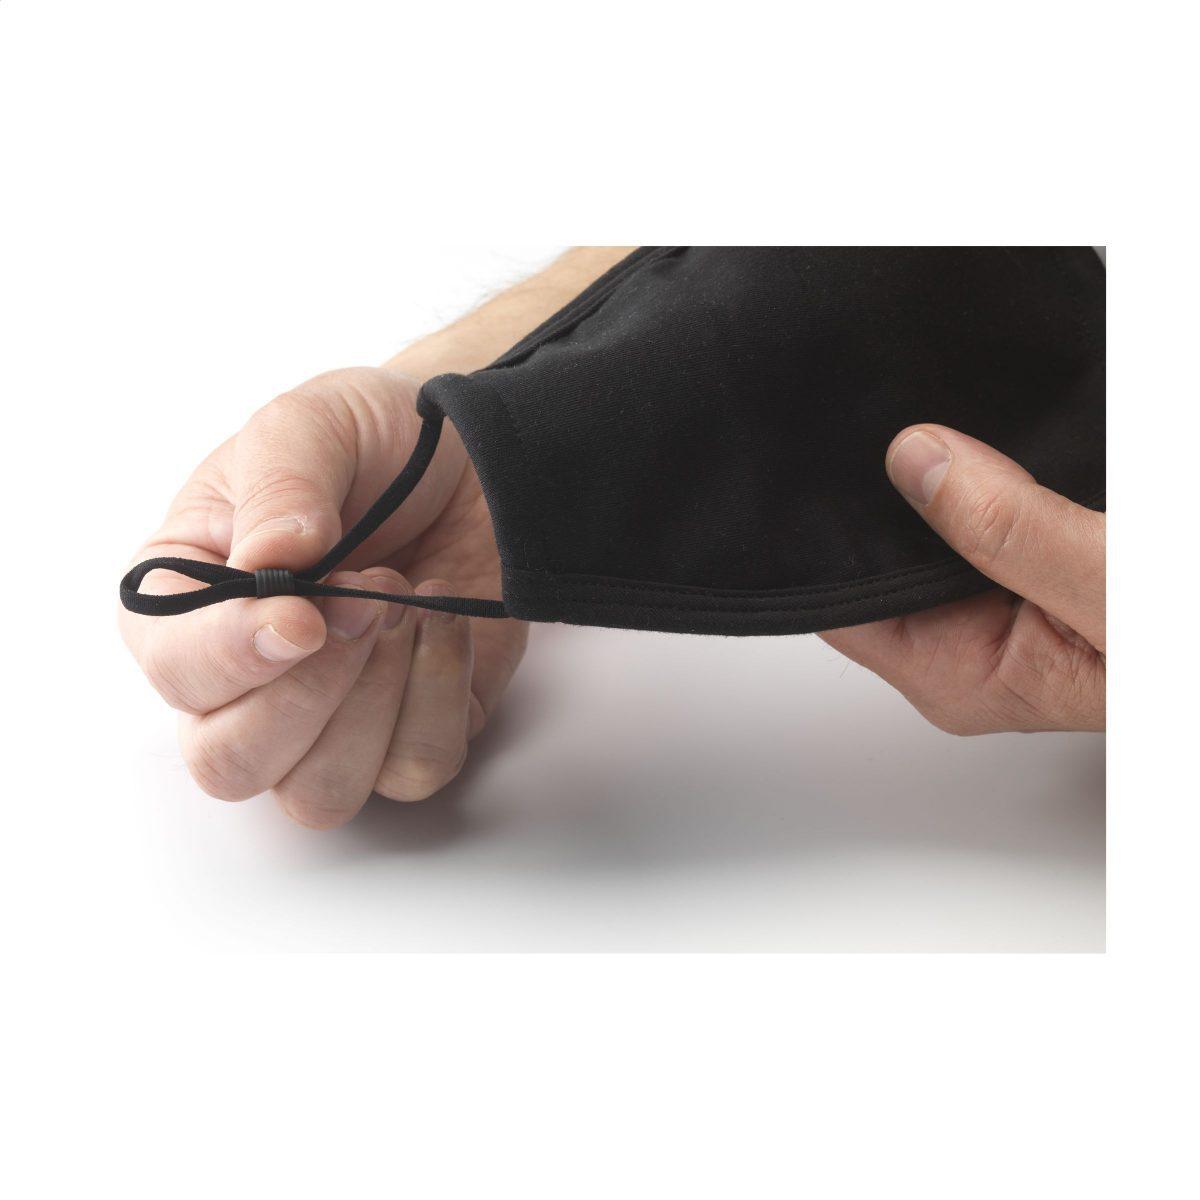 bavlněná rouška s vnitřní kapsou s vlastním potiskem